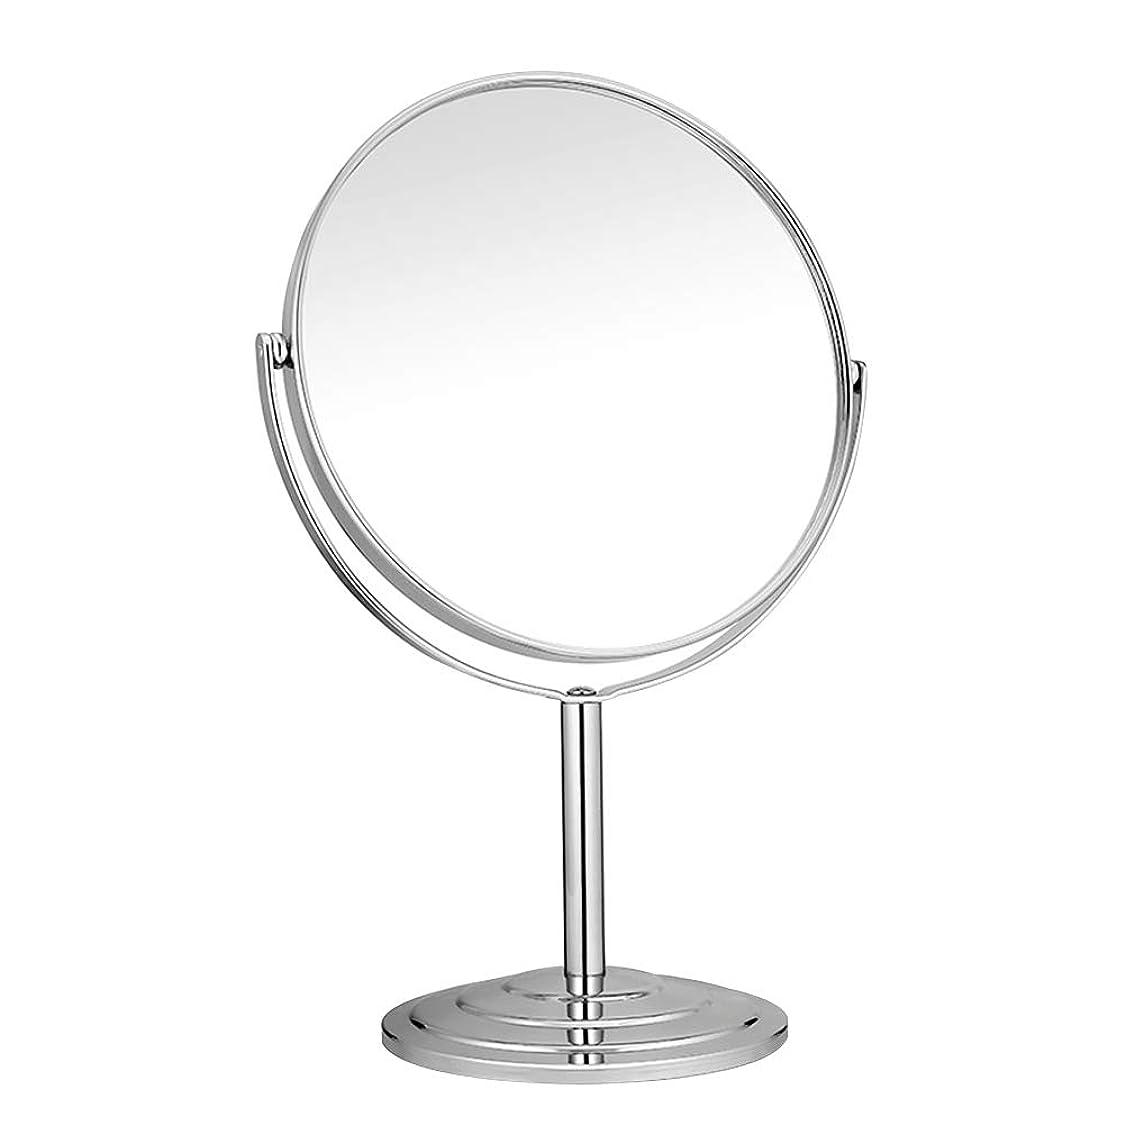 お学習批判的RAAKIMO 卓上化粧鏡 メイクミラー 3倍拡大鏡+等倍鏡 両面型 スタンド 360度回転 シルバー (鏡面15cm)